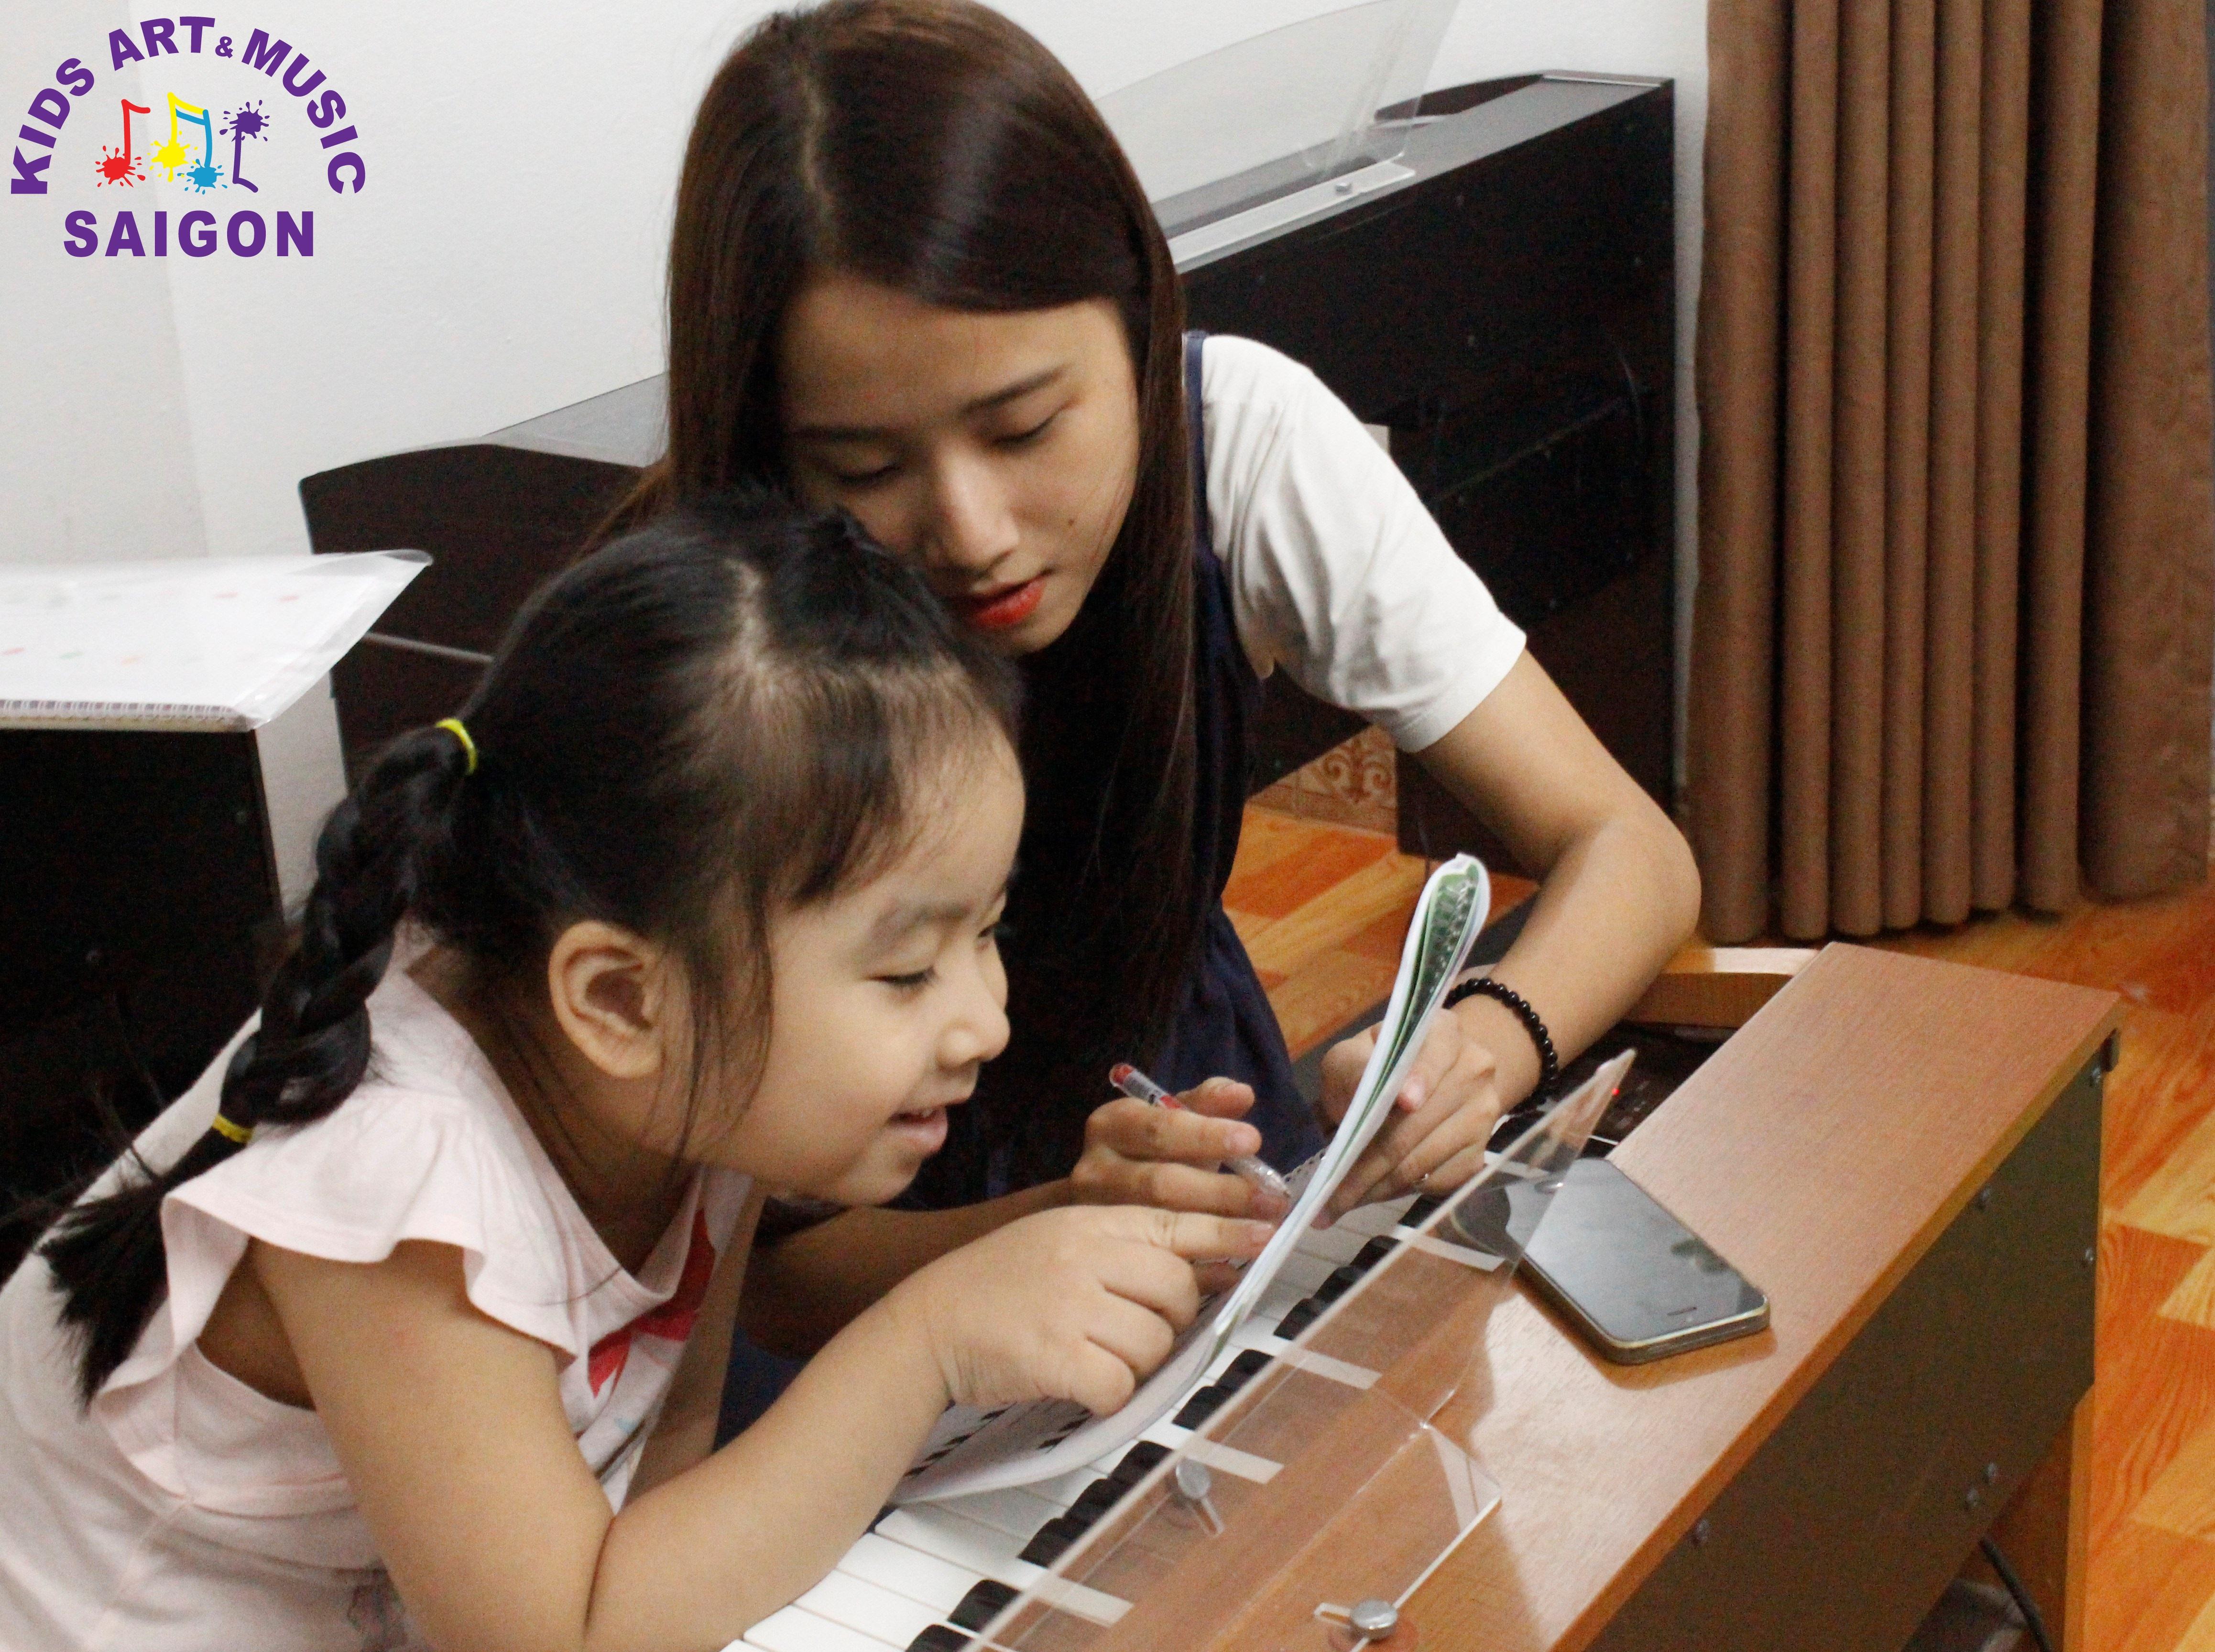 Những lưu ý không thể bỏ qua khi tìm giáo viên dạy piano tại nhà tphcm hình ảnh 2